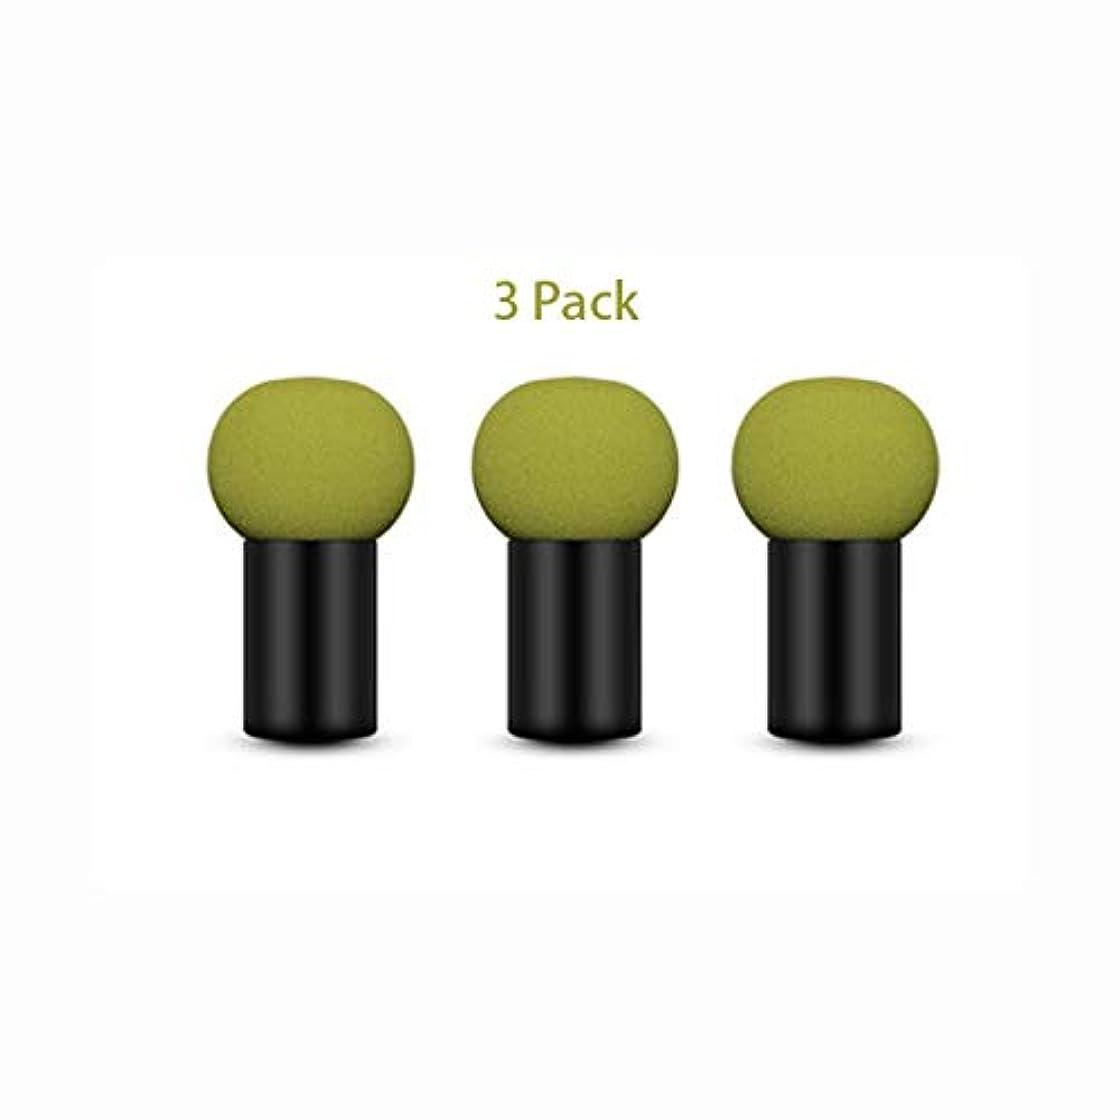 スポンジフォアタイプ性能美容スポンジ、柔らかいキノコ化粧スポンジ化粧道具 (Color : グリンー)